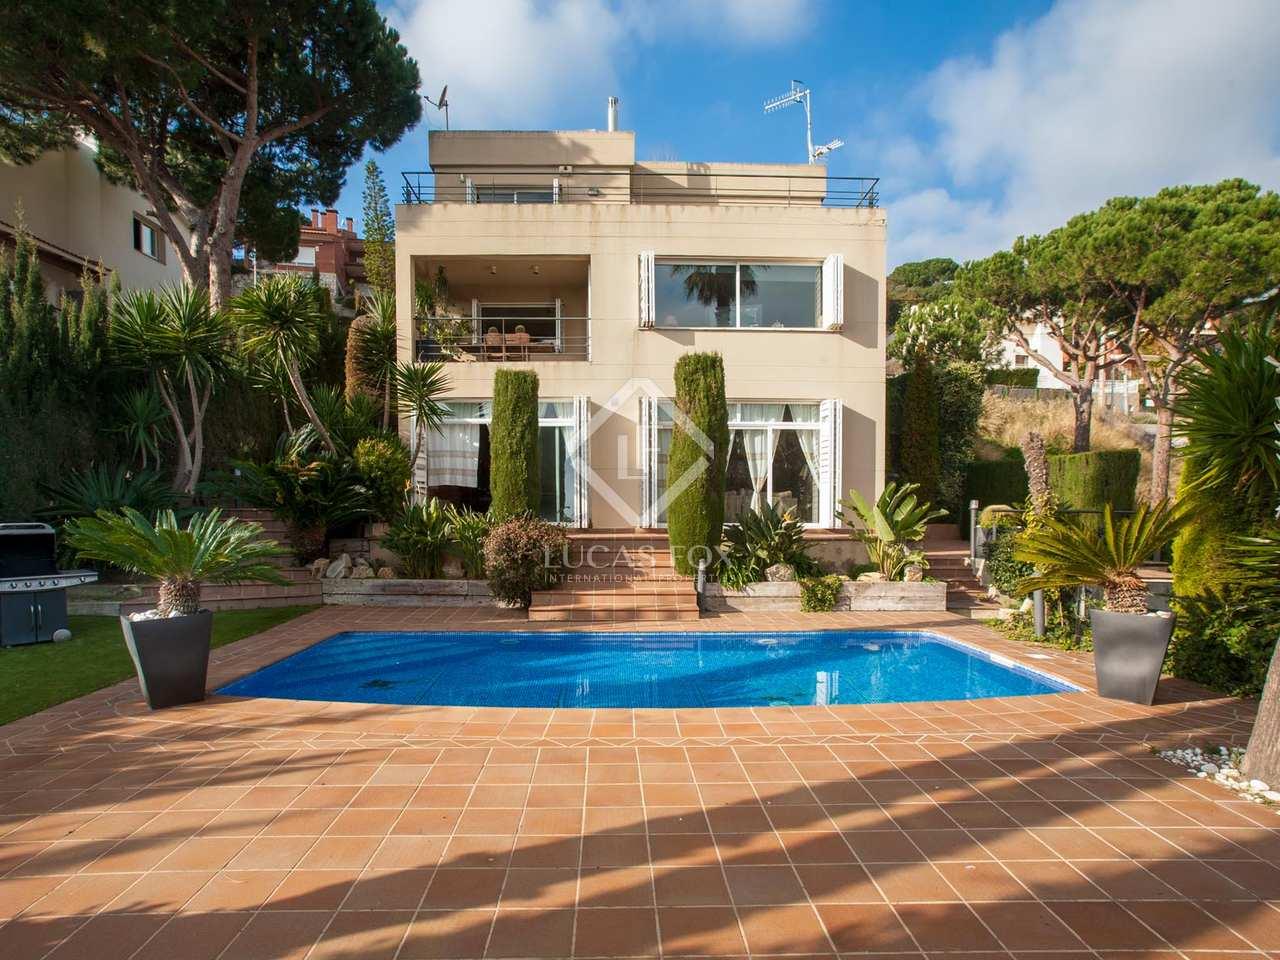 Casa de 5 dormitorios con bonitas vistas en venta en alella - Casas espectaculares en espana ...